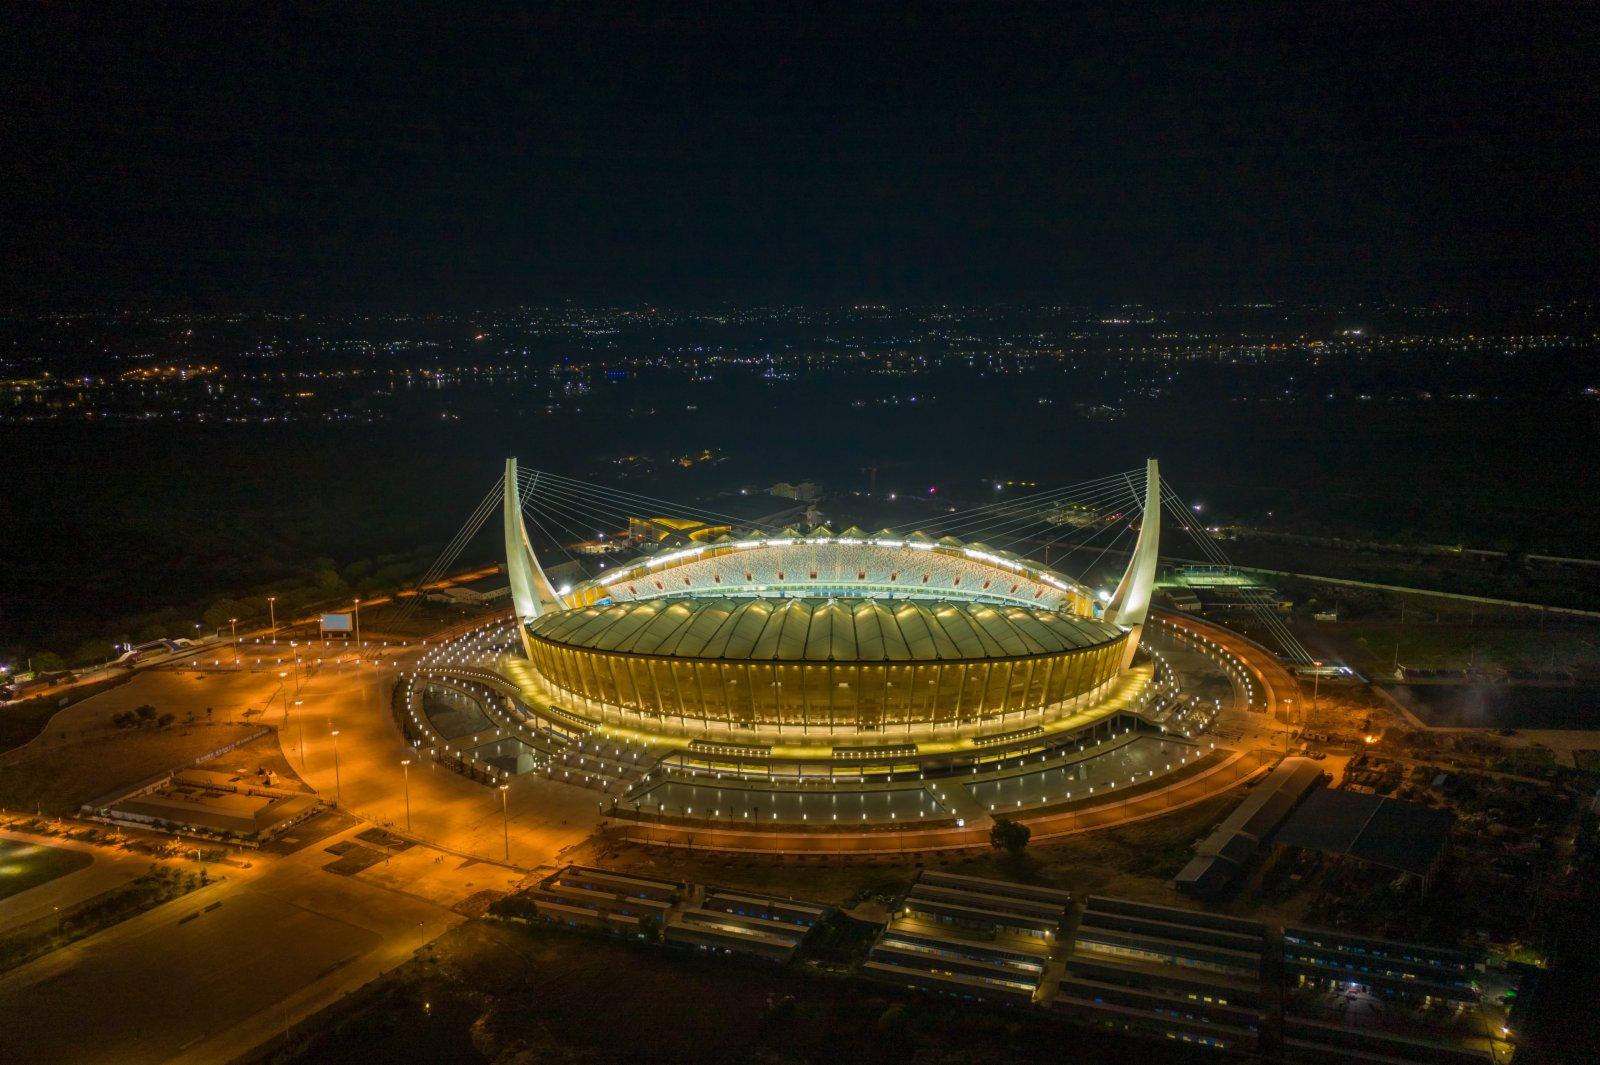 這是9月9日在金邊拍攝的柬埔寨國家體育場(航拍照片)。新華社